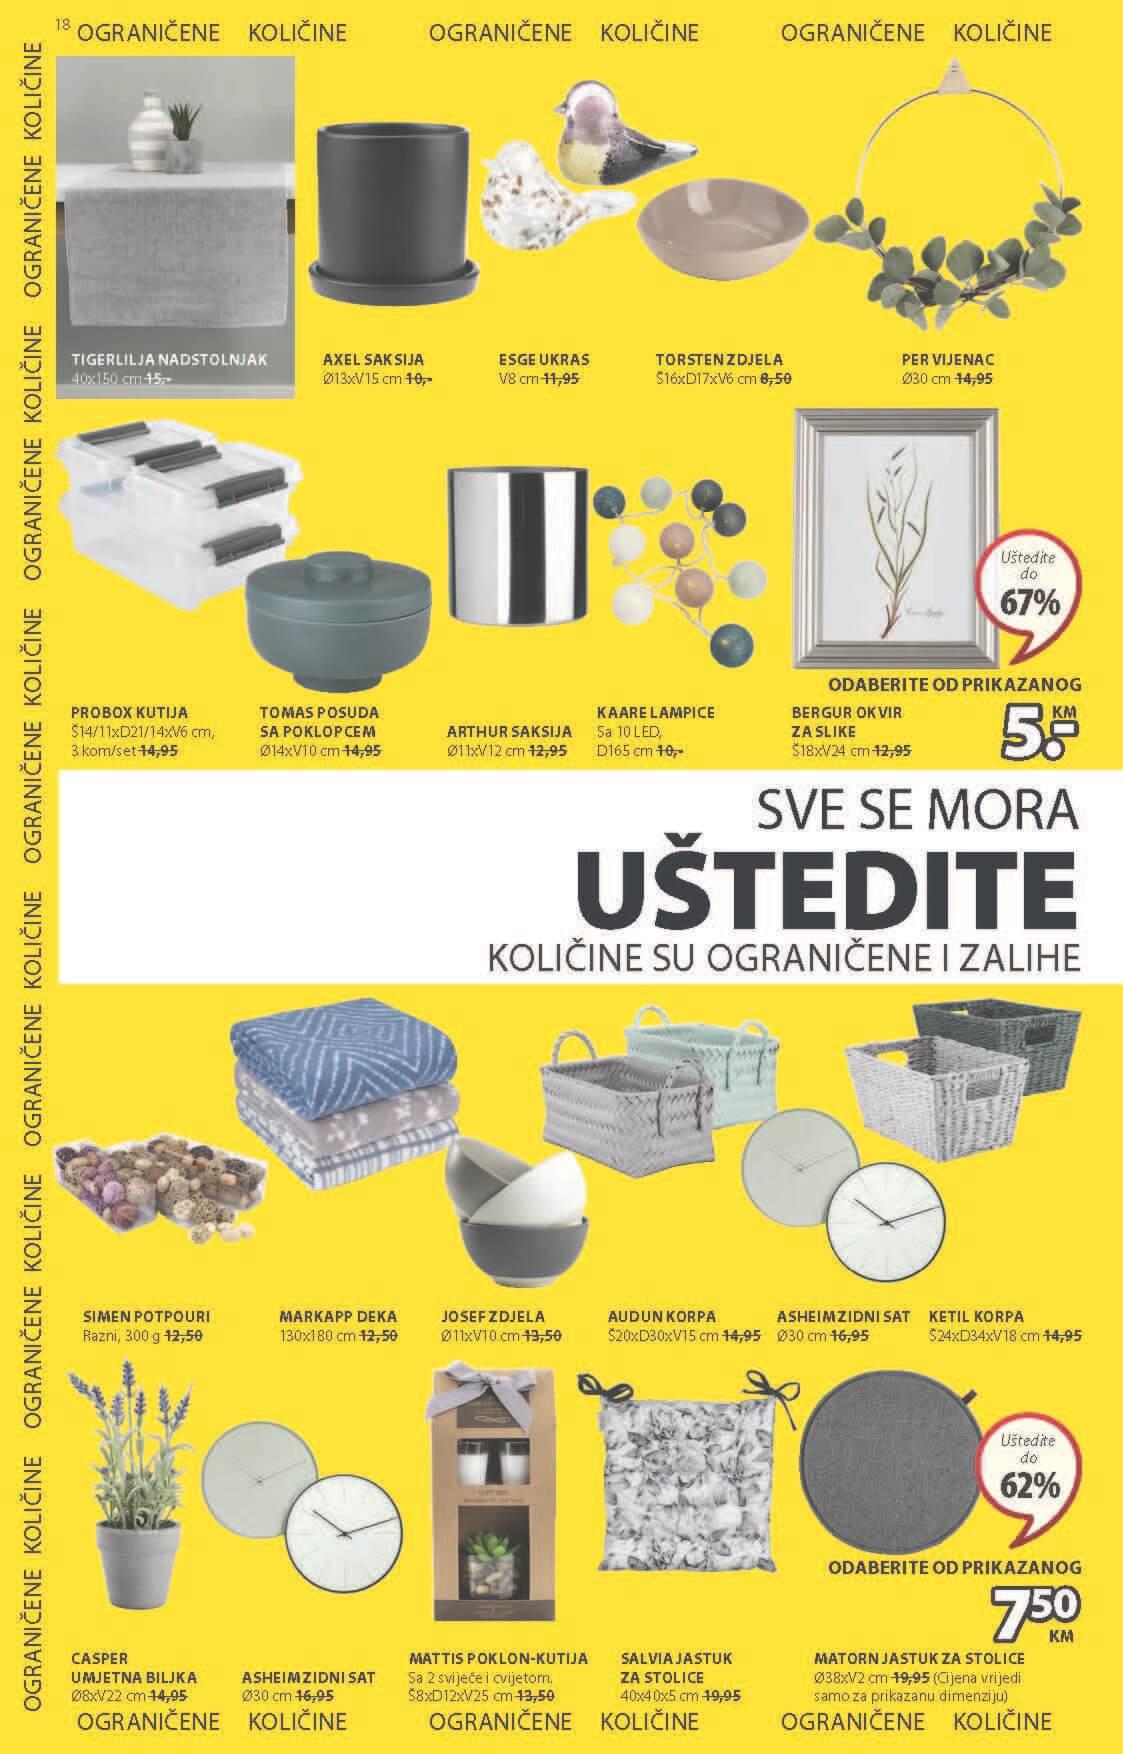 JYSK Katalog Akcijska rasprodaja JUN 2021 03.06. 16.06 eKatalozi.com PR Page 19